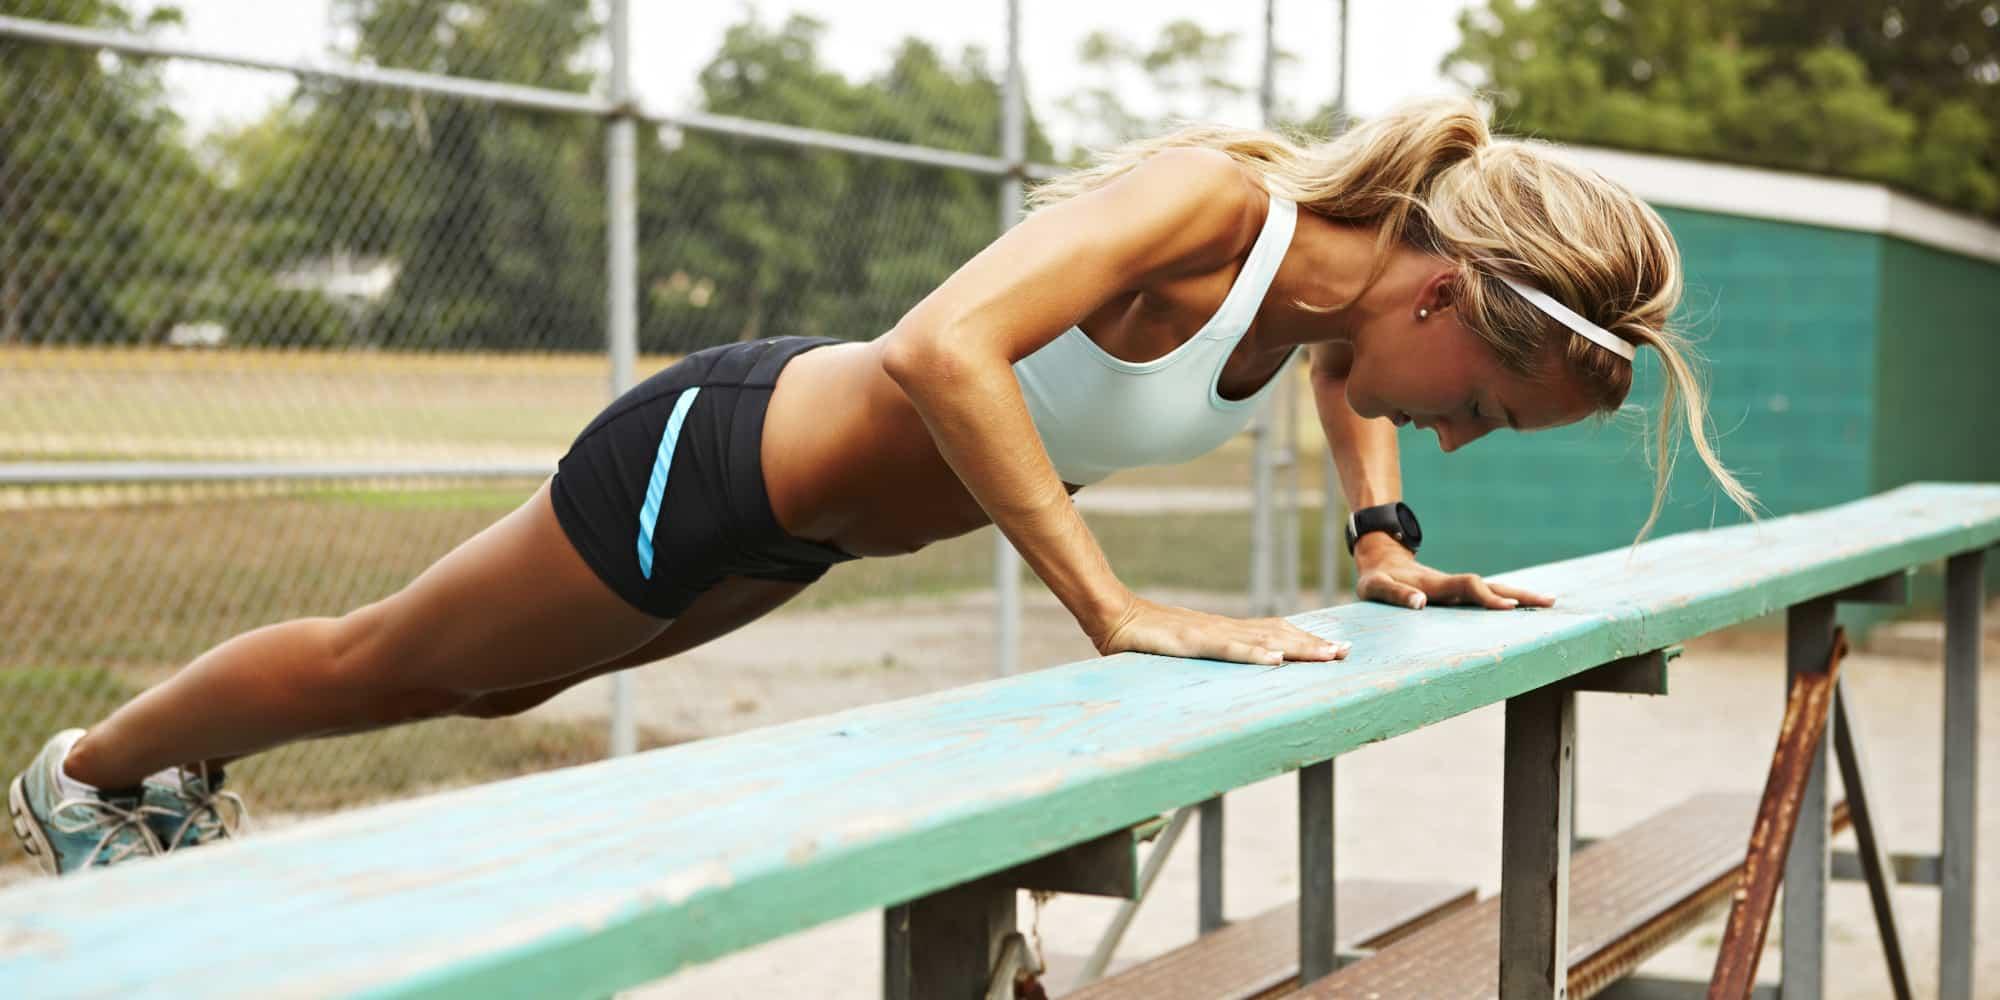 Αποτέλεσμα εικόνας για Η αναερόβια και η αερόβια άσκηση